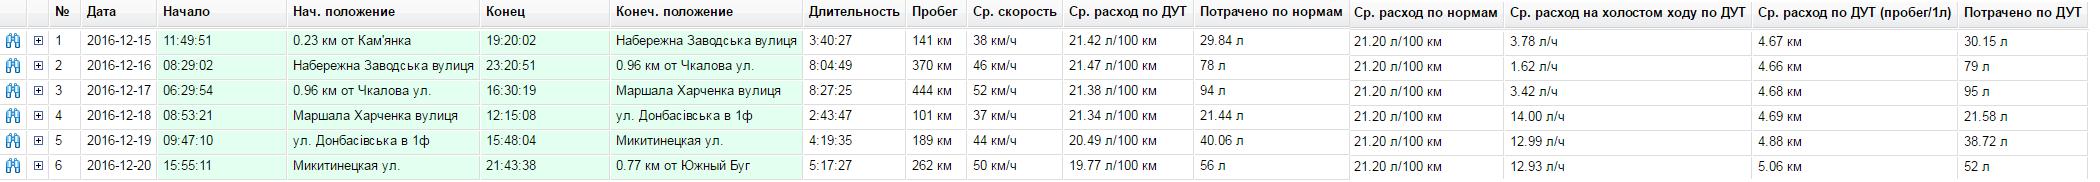 Отчет подробный по поездкам с контролем топлива